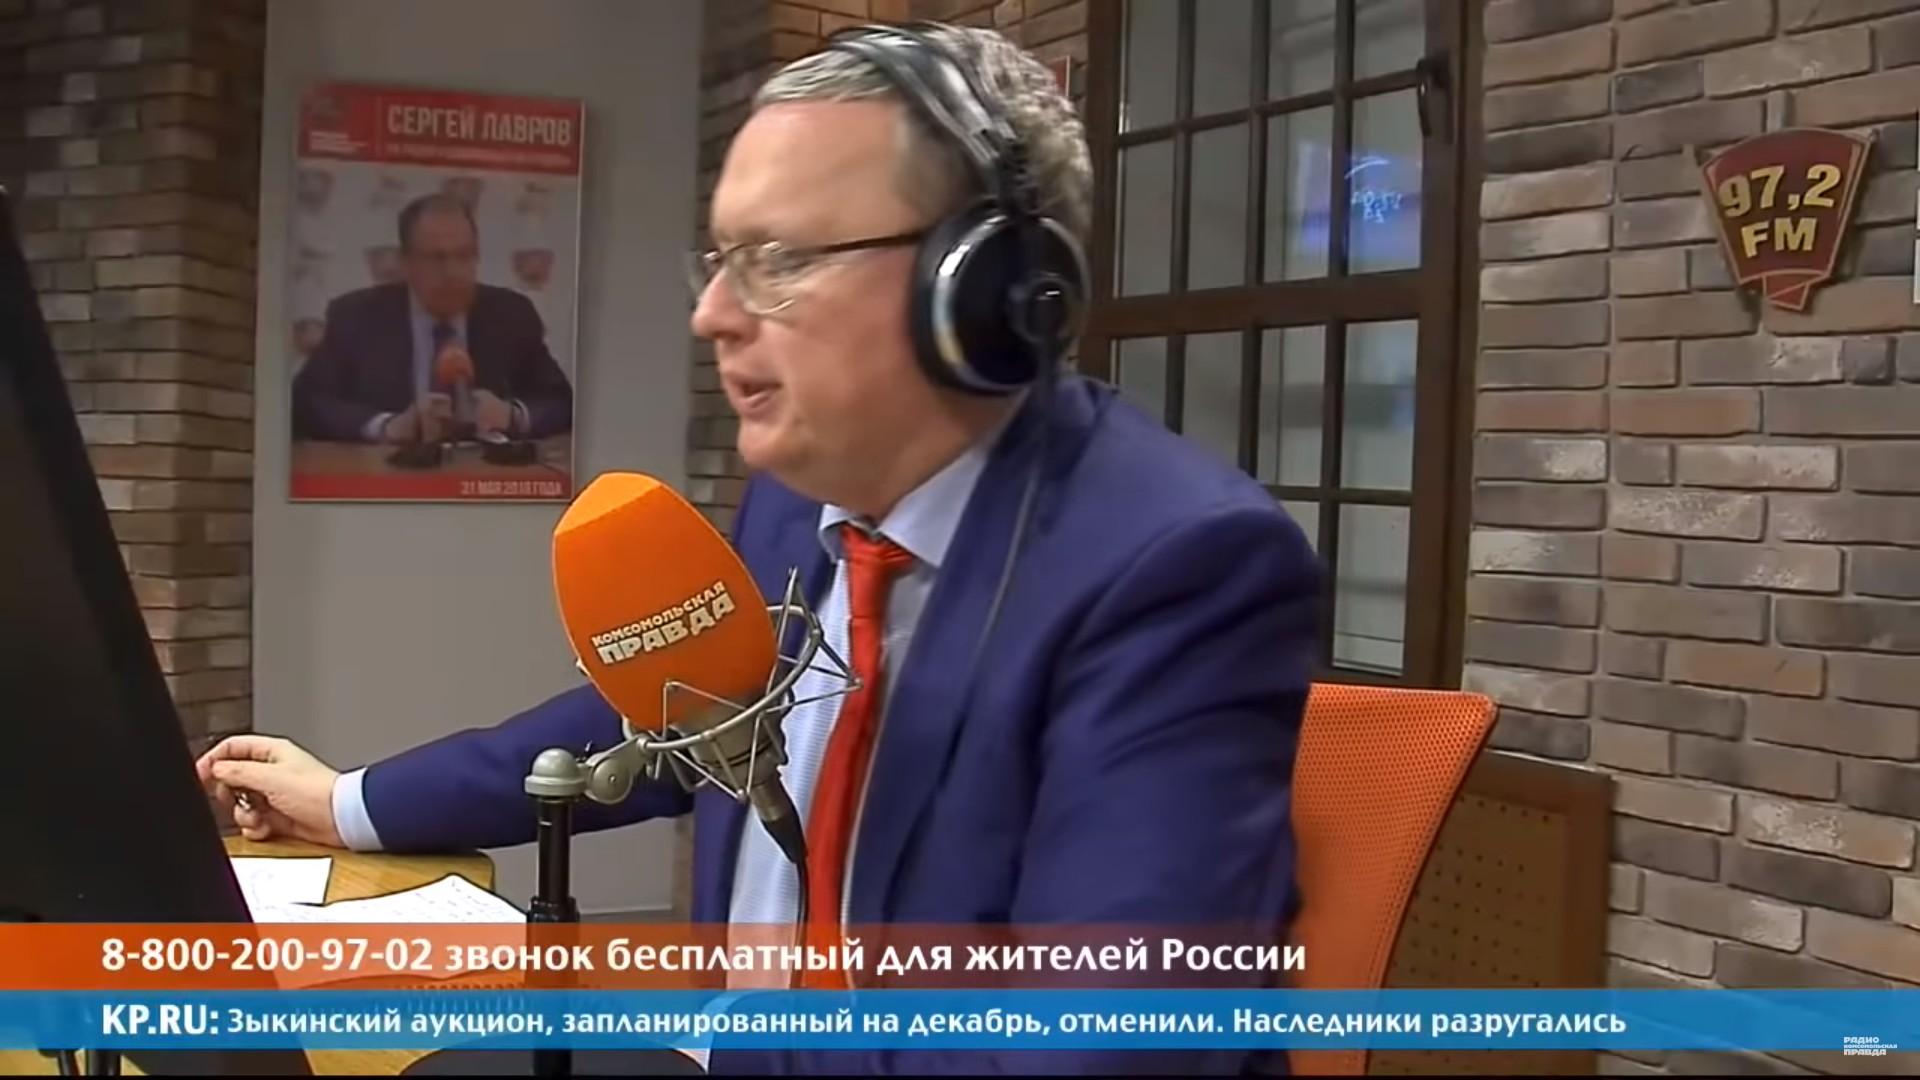 Мтс банк краснодар кредит наличными